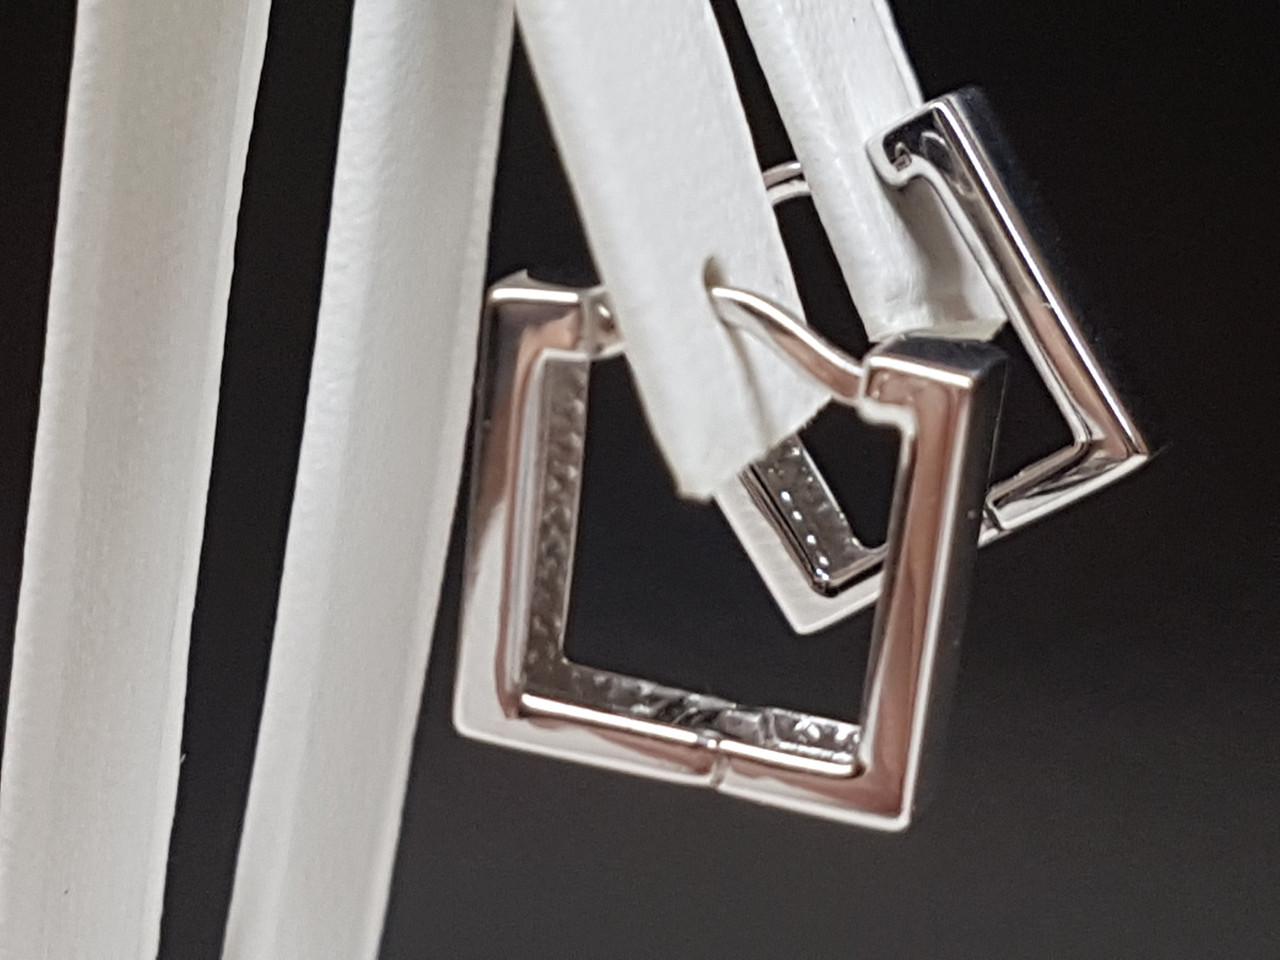 Срібні сережки. Артикул 902-01078